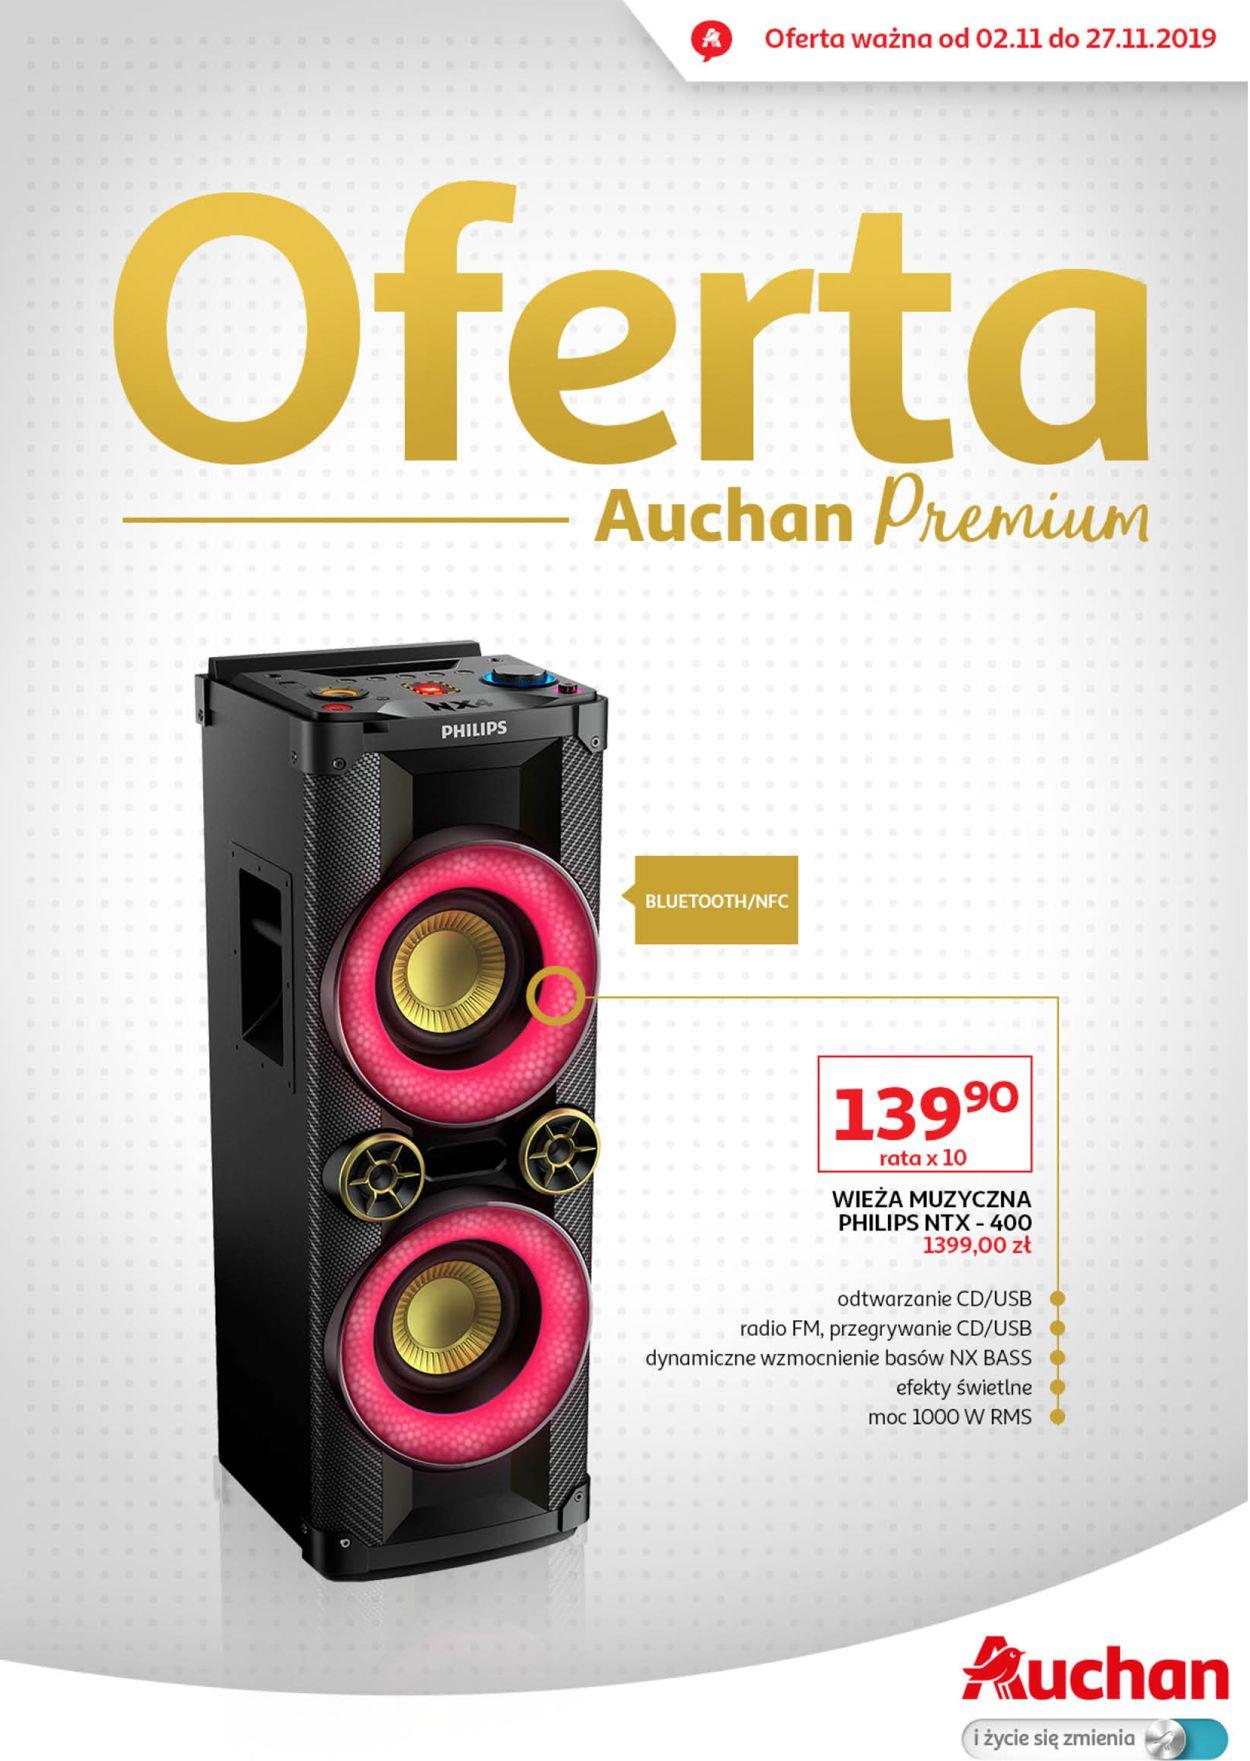 Gazetka promocyjna Auchan - 02.11-27.11.2019